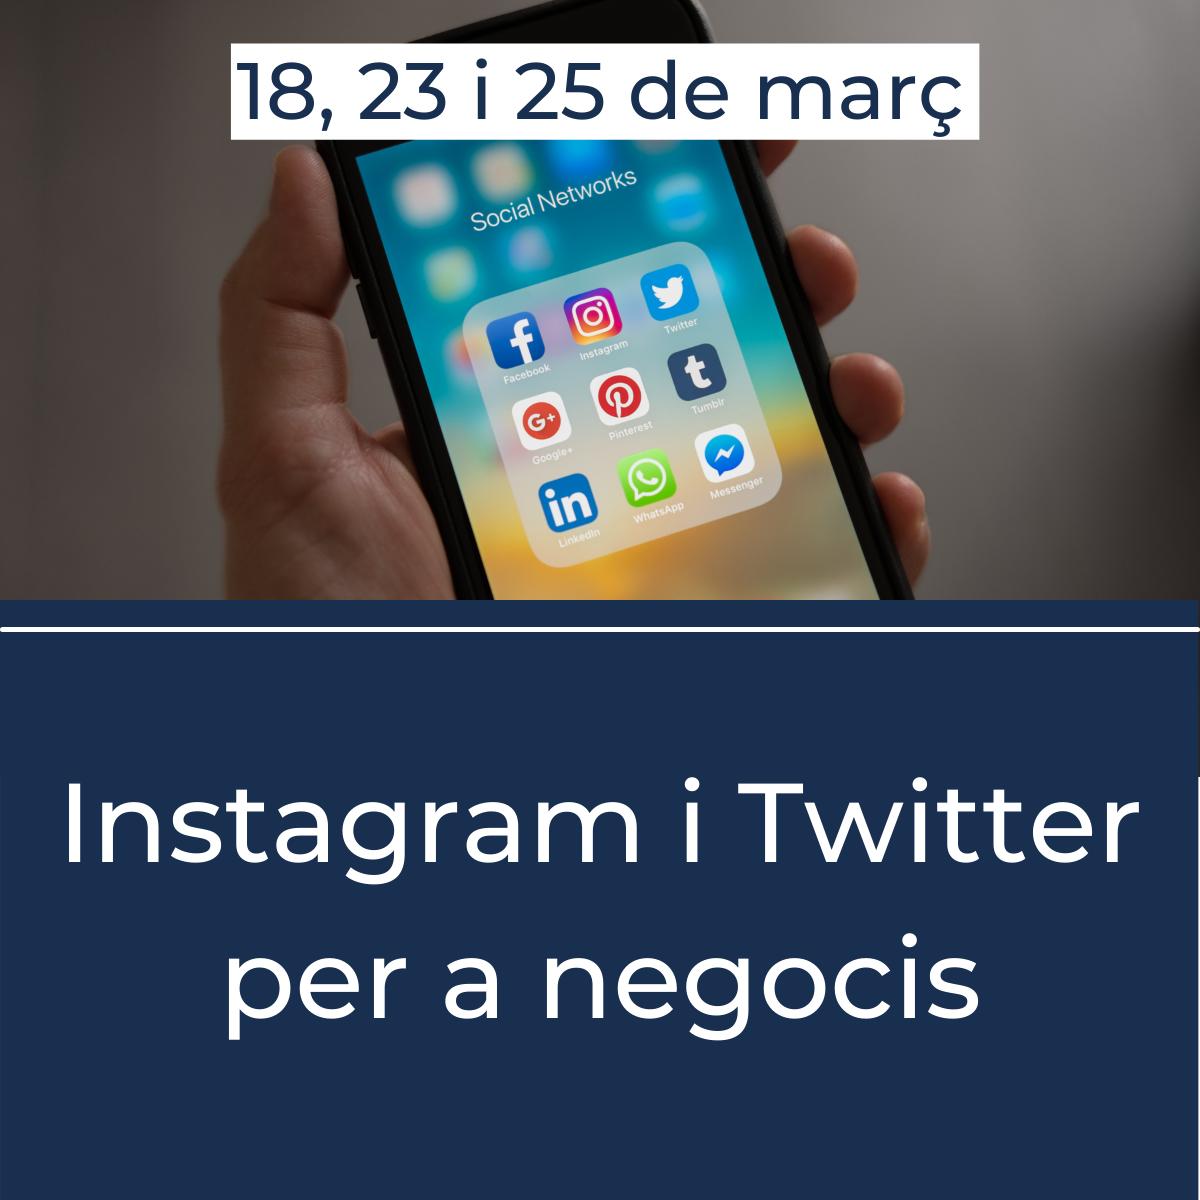 Instagram i Twitter per a negocis